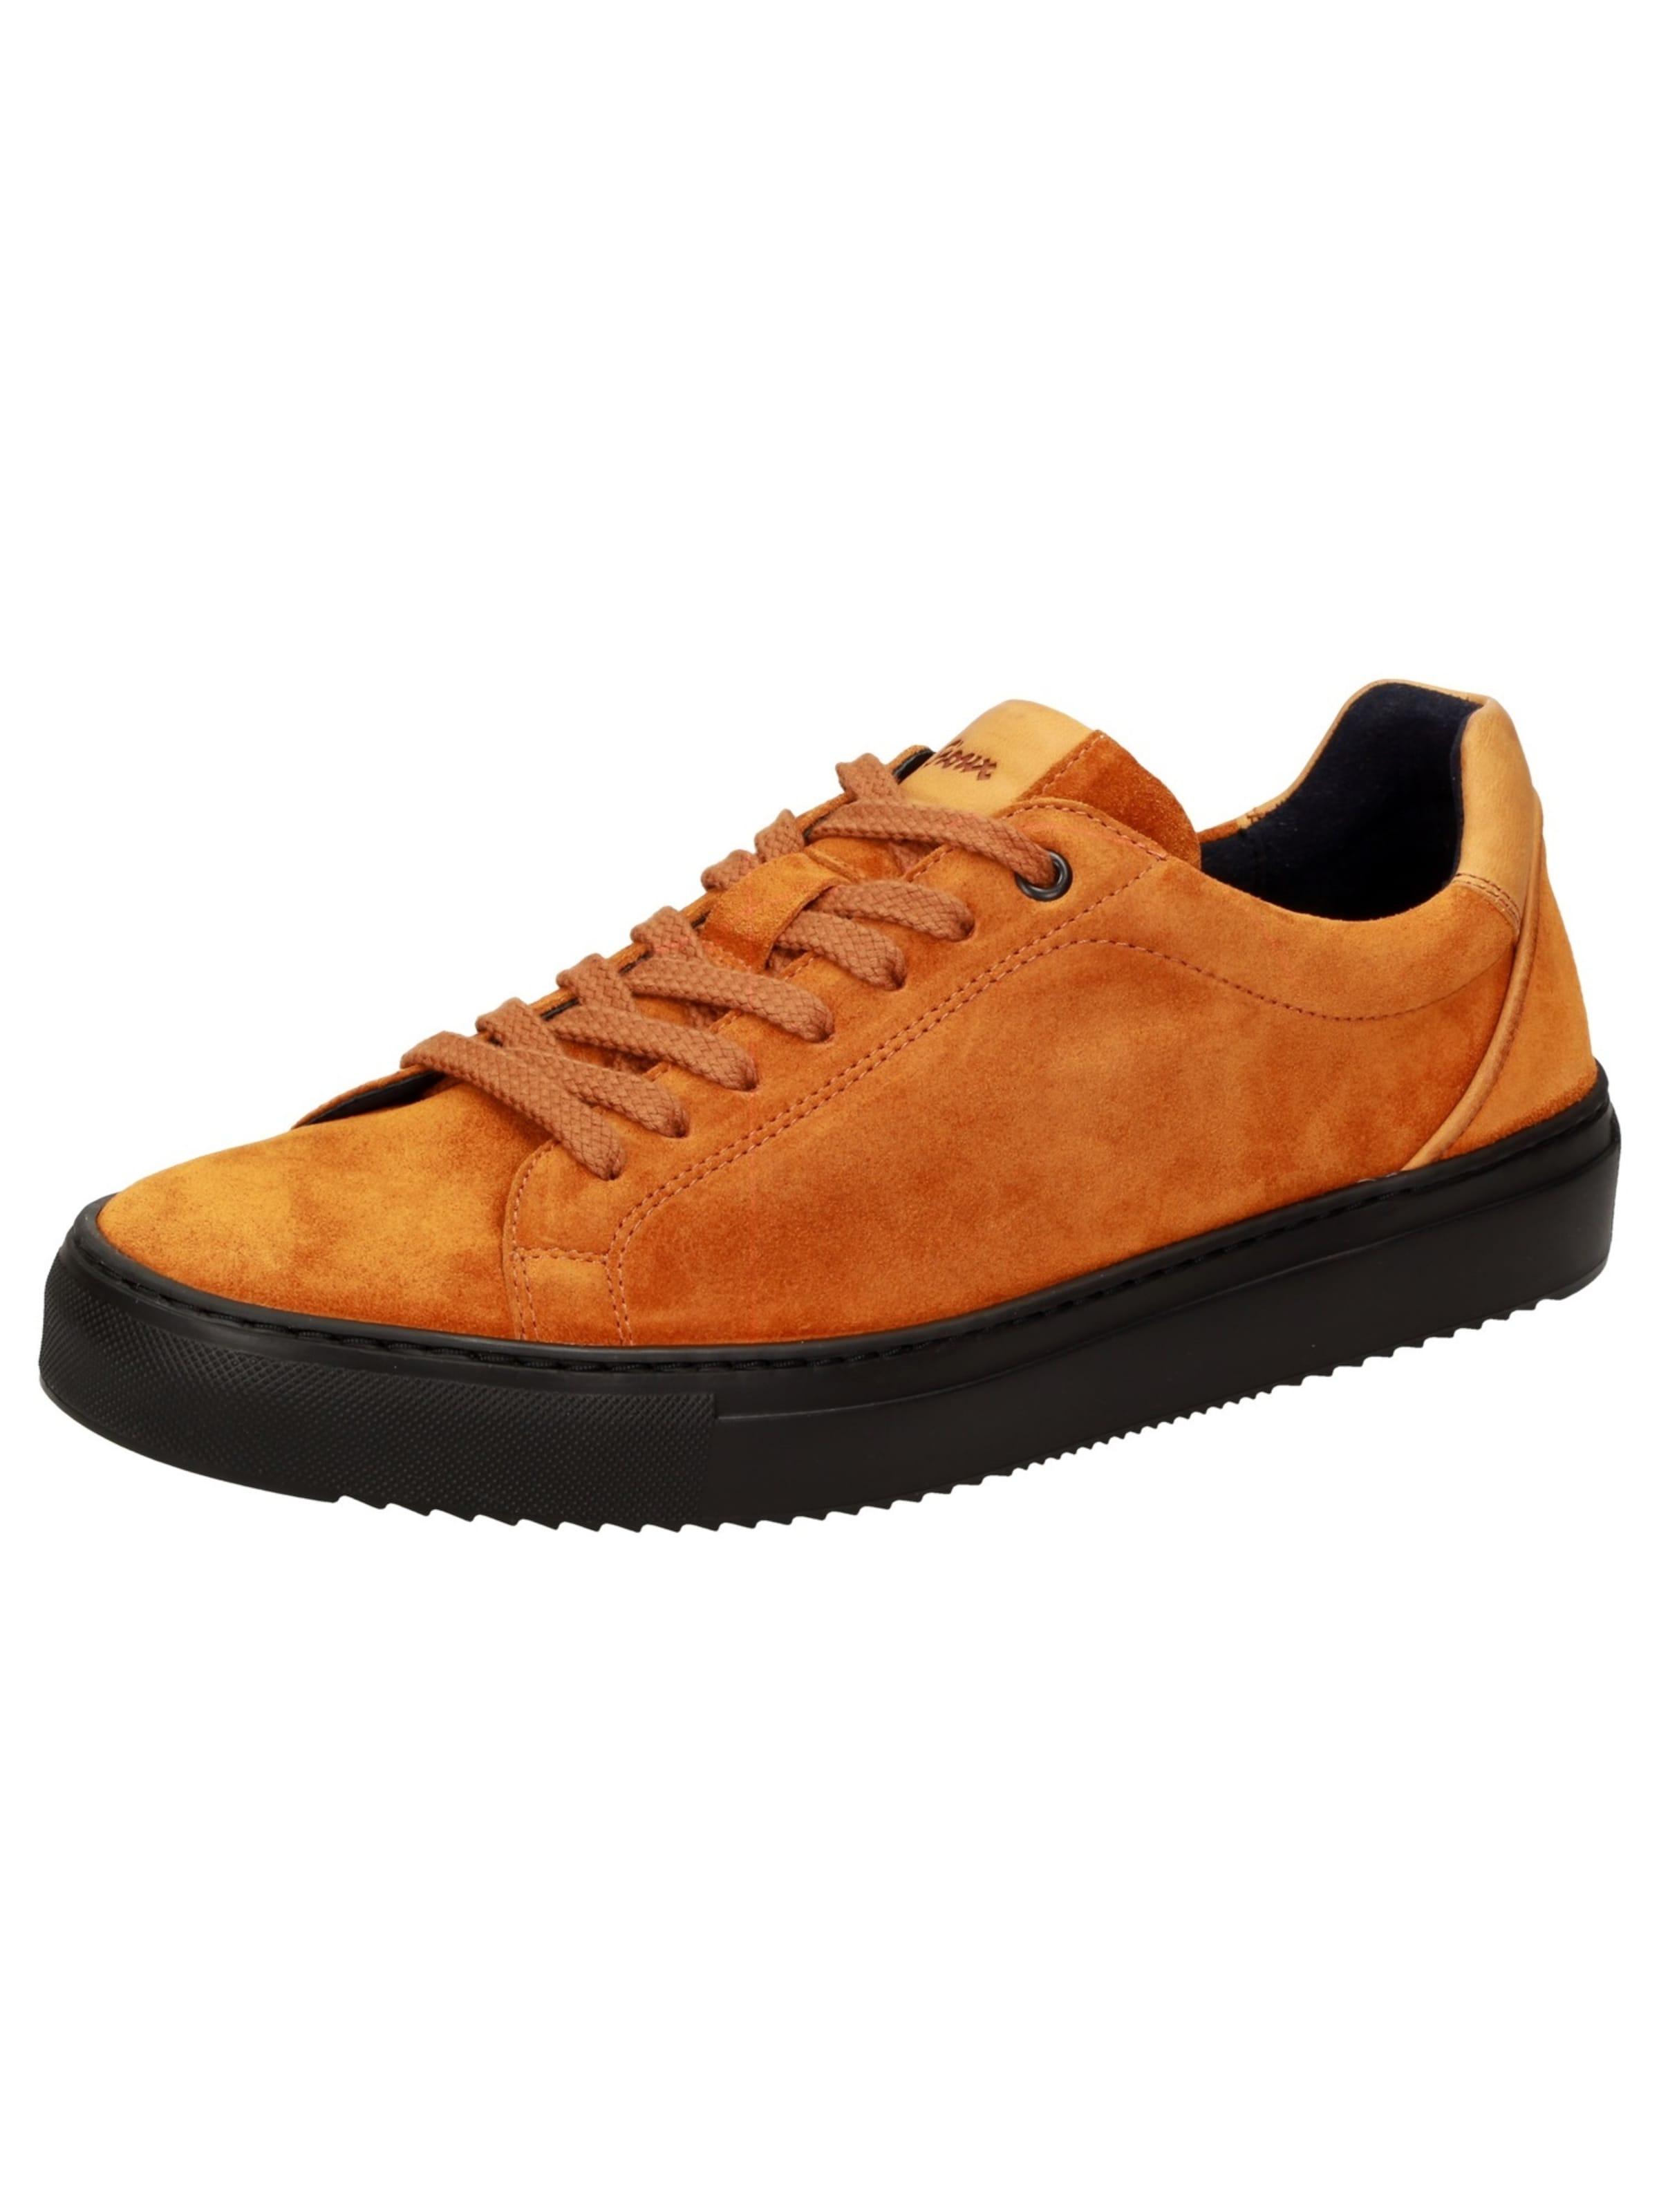 Dunkelgelb Sioux ' Rosdeco Sneaker 700 In tQhsrd